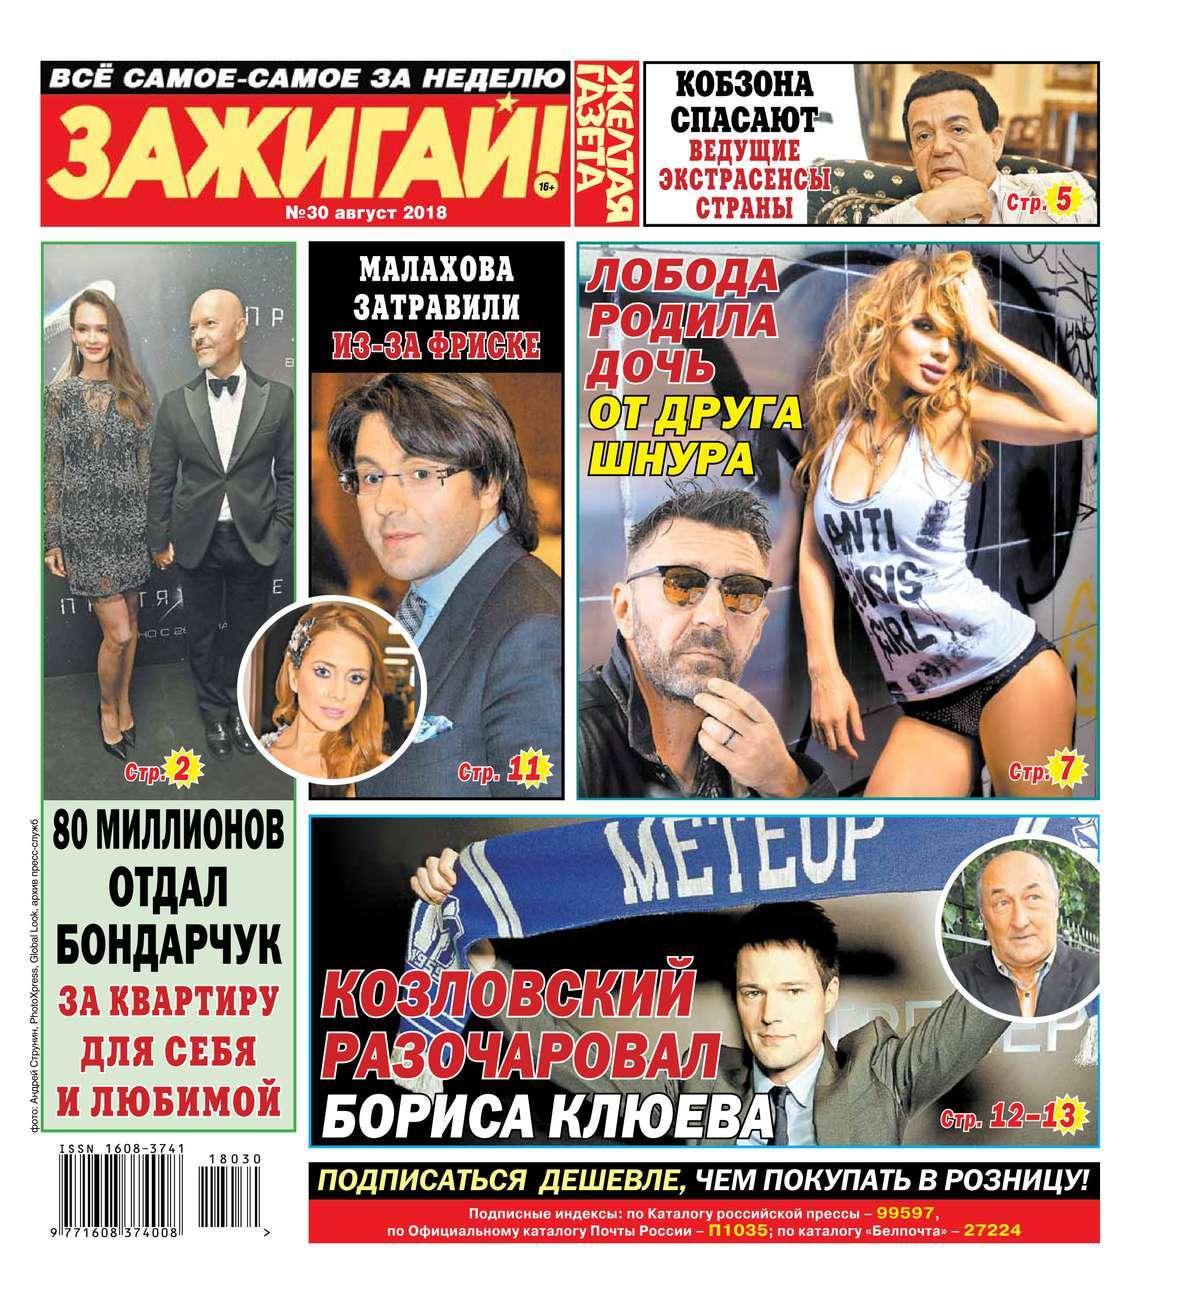 Желтая Газета. Зажигай! 30-2018